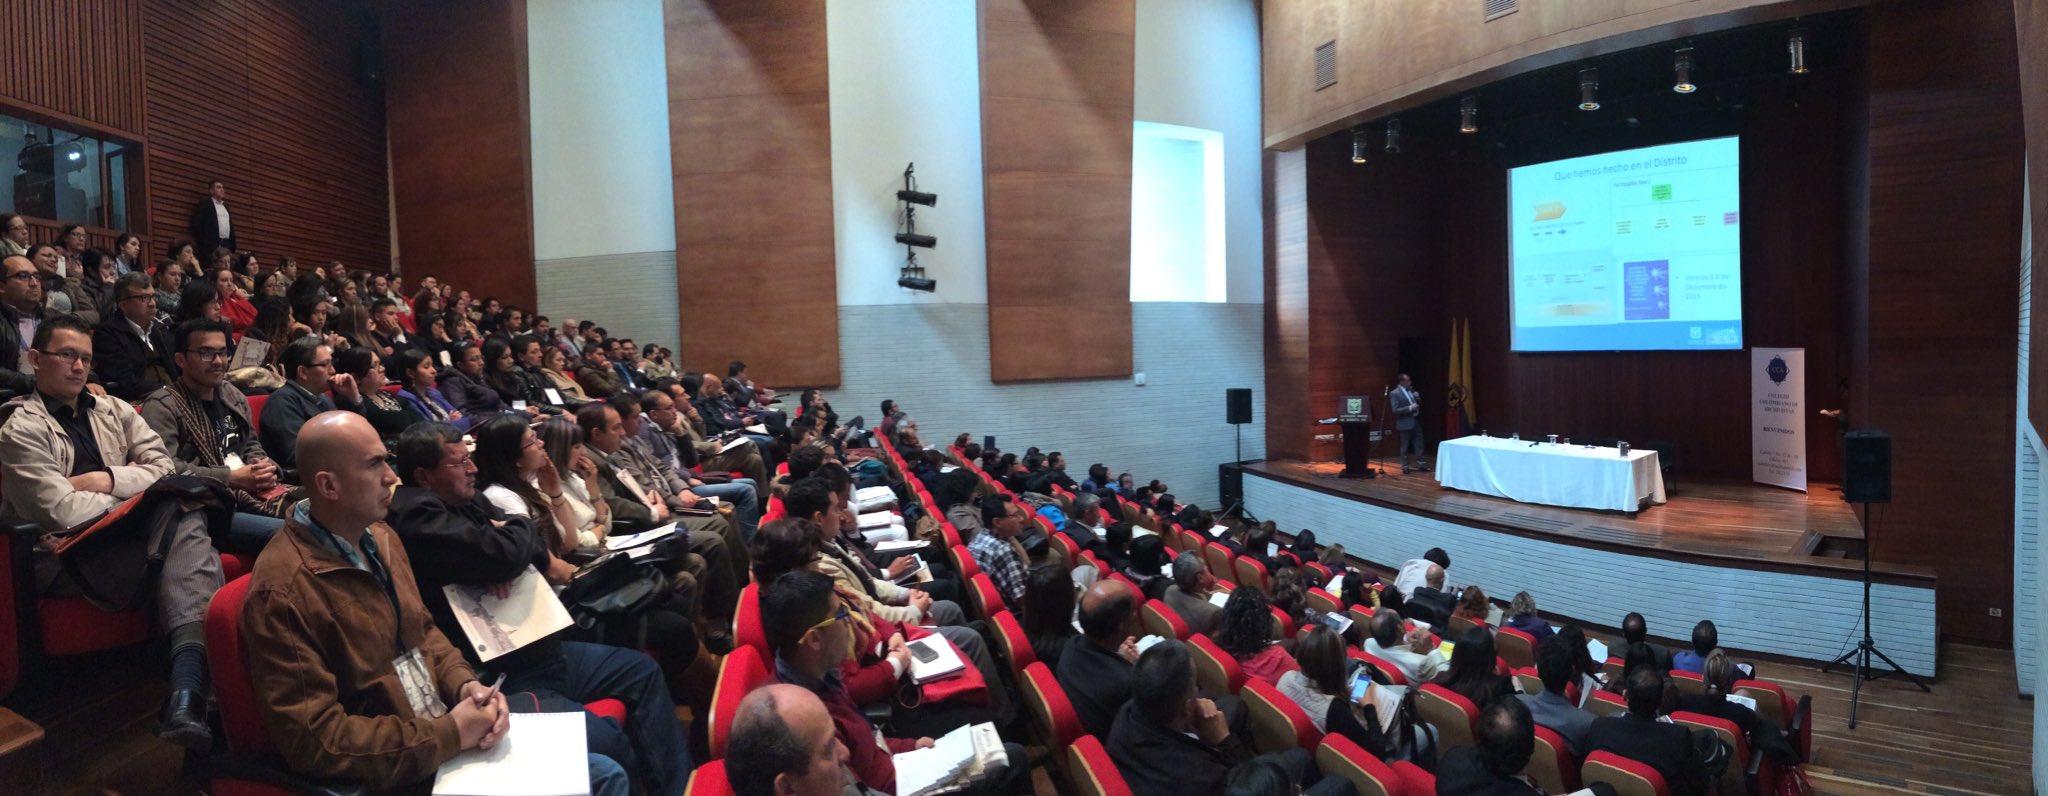 El Seminario Internacional #RetosDeLosArchivosMunicipales frente a la participación ciudadana 👏es todo un #Éxito https://t.co/mI1tjcRtkU